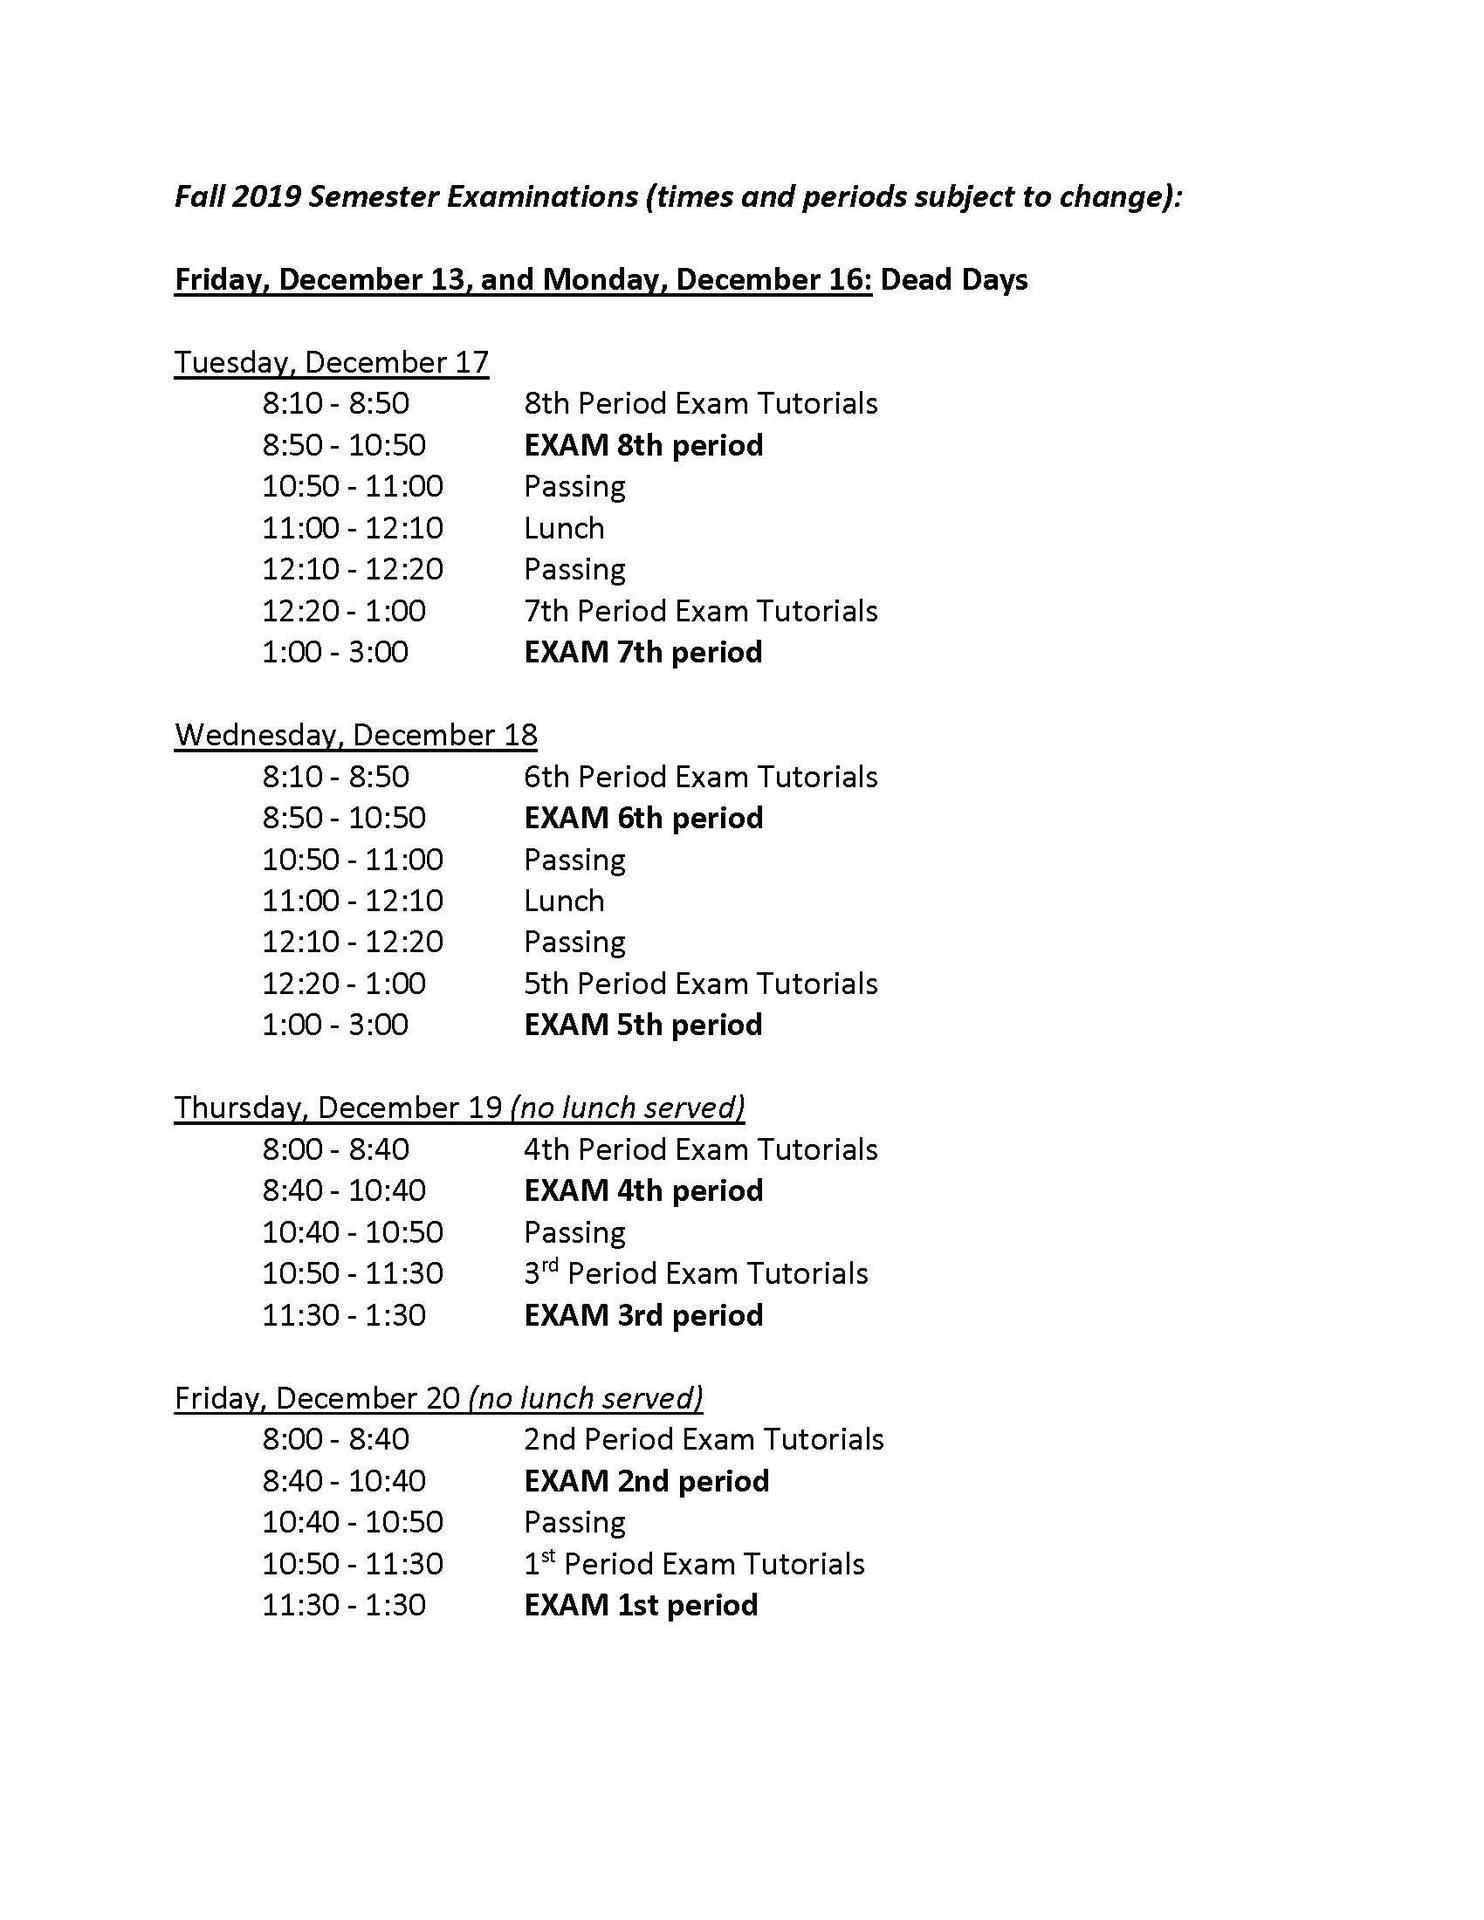 Fall 2019 Final Exam Schedule